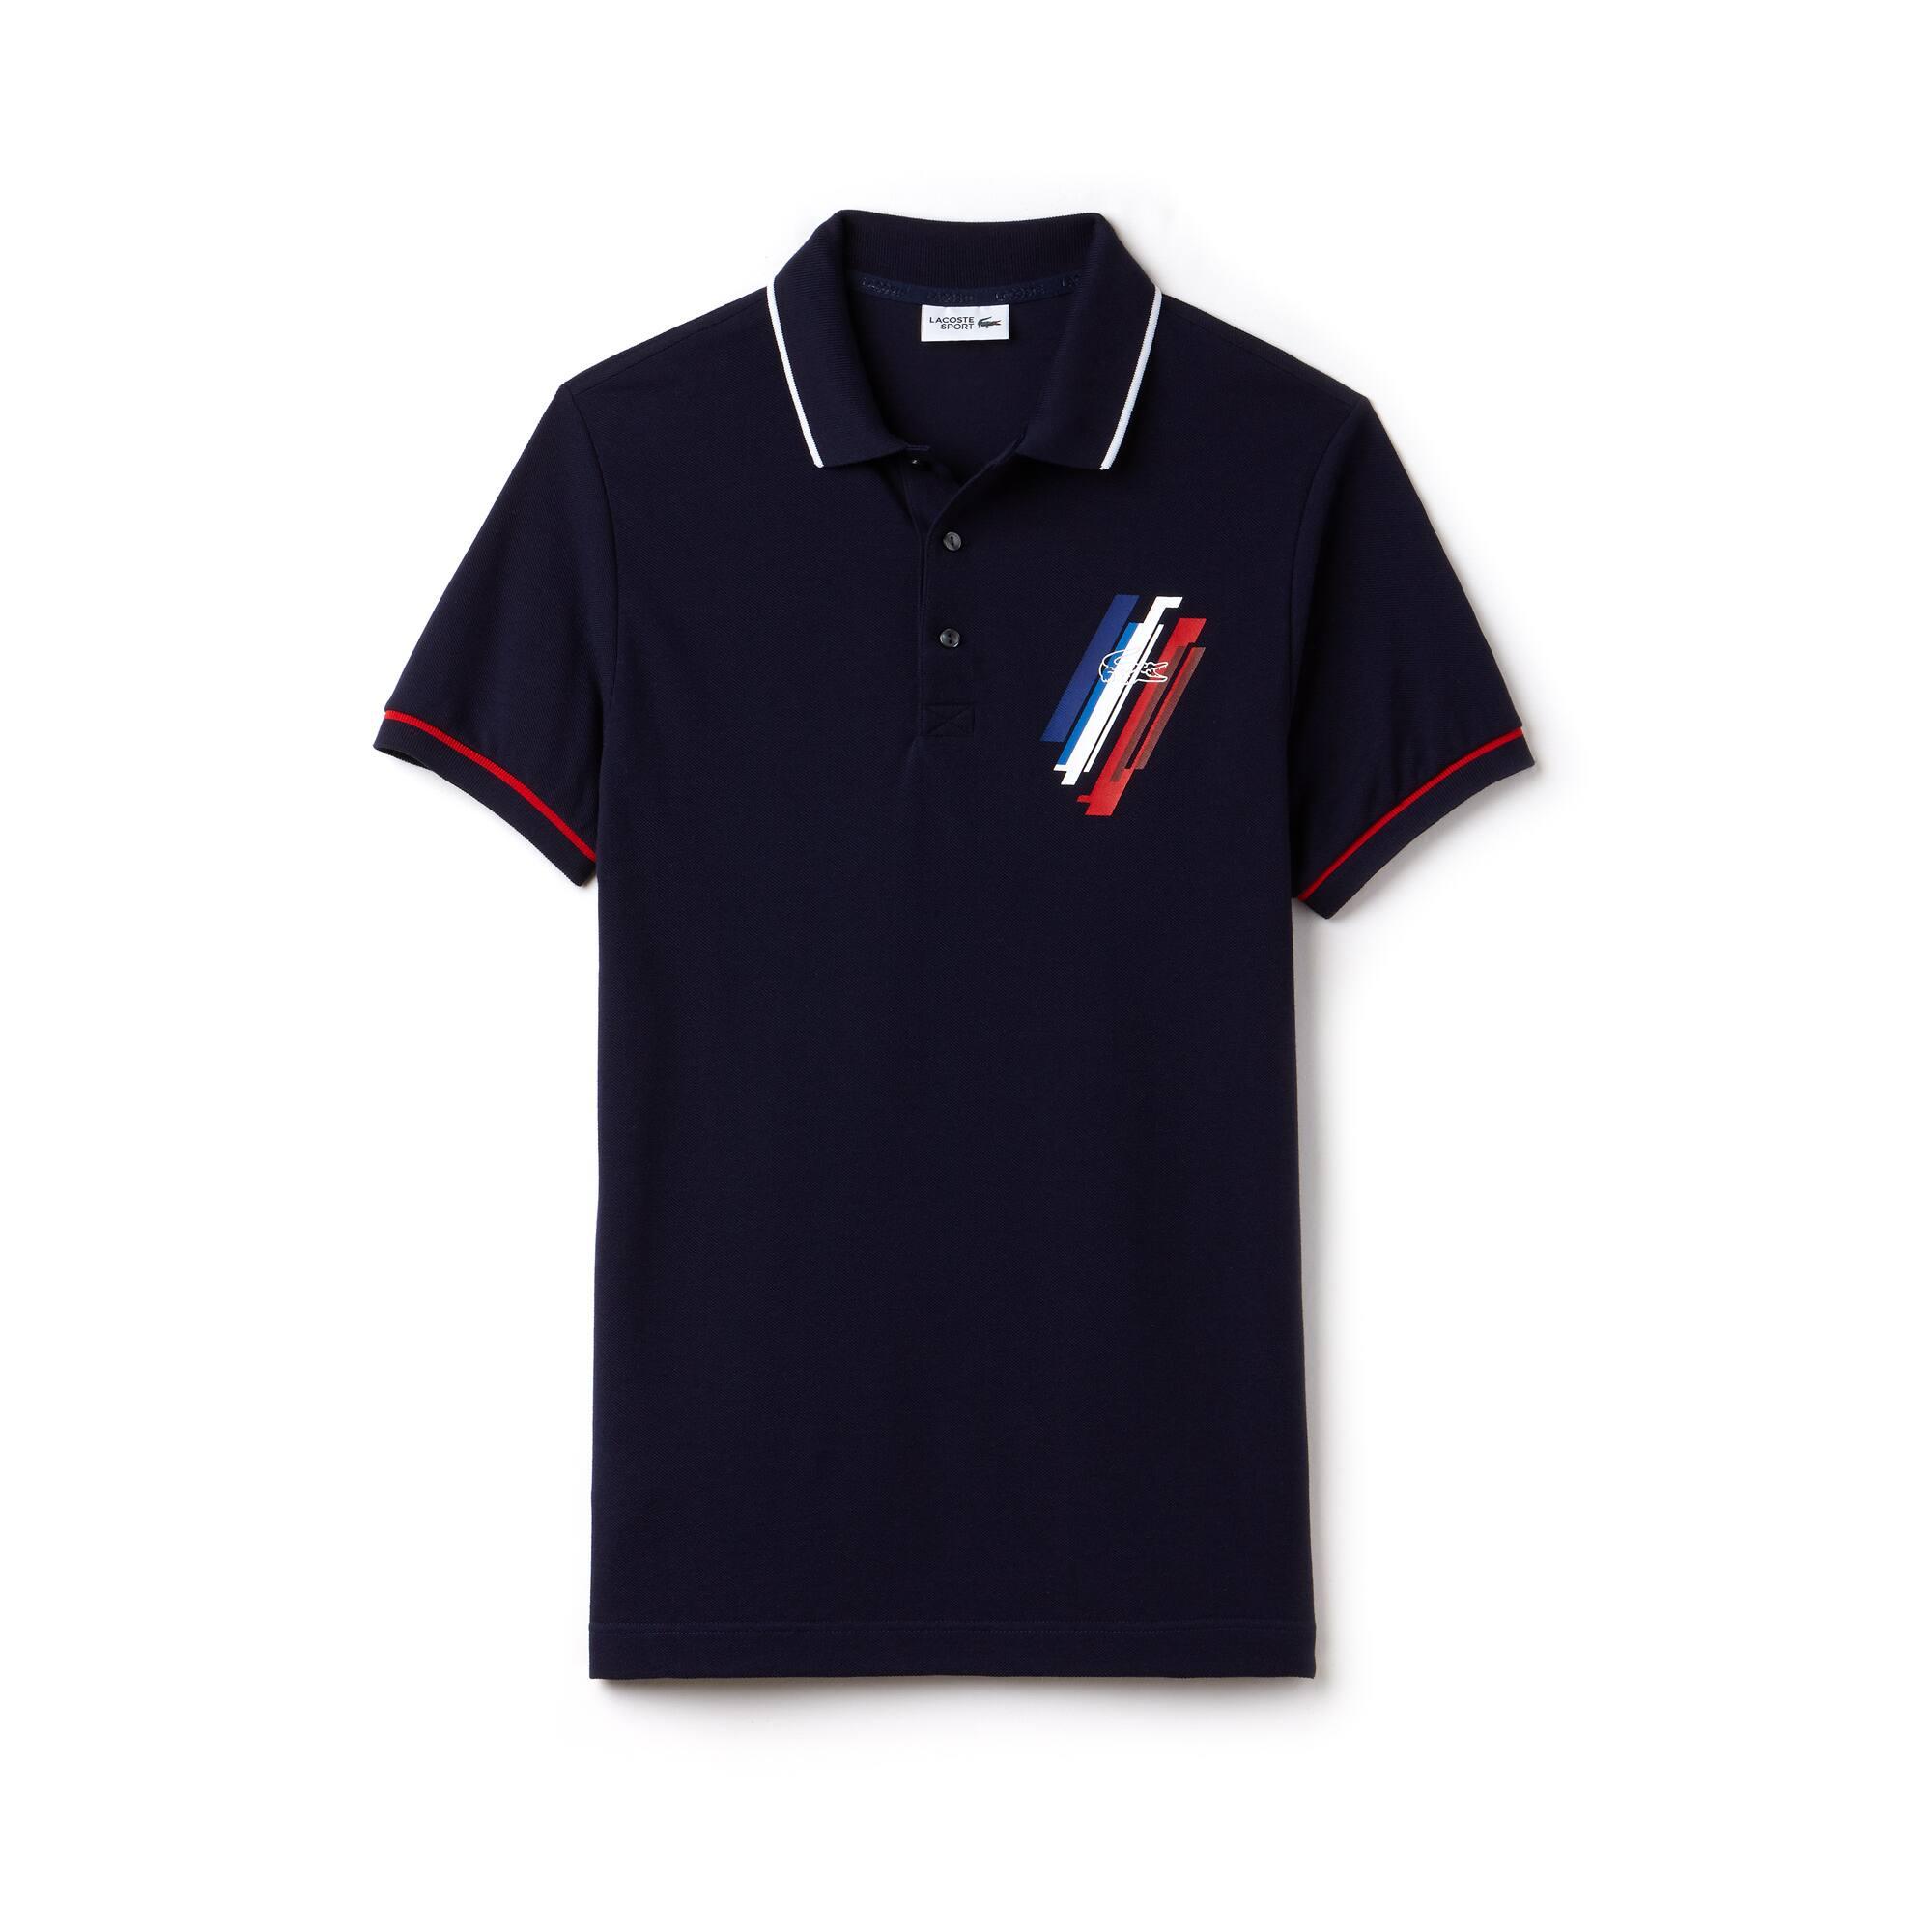 Men's Lacoste Tricolor Collection Design Two-Ply Petit Piqué Polo